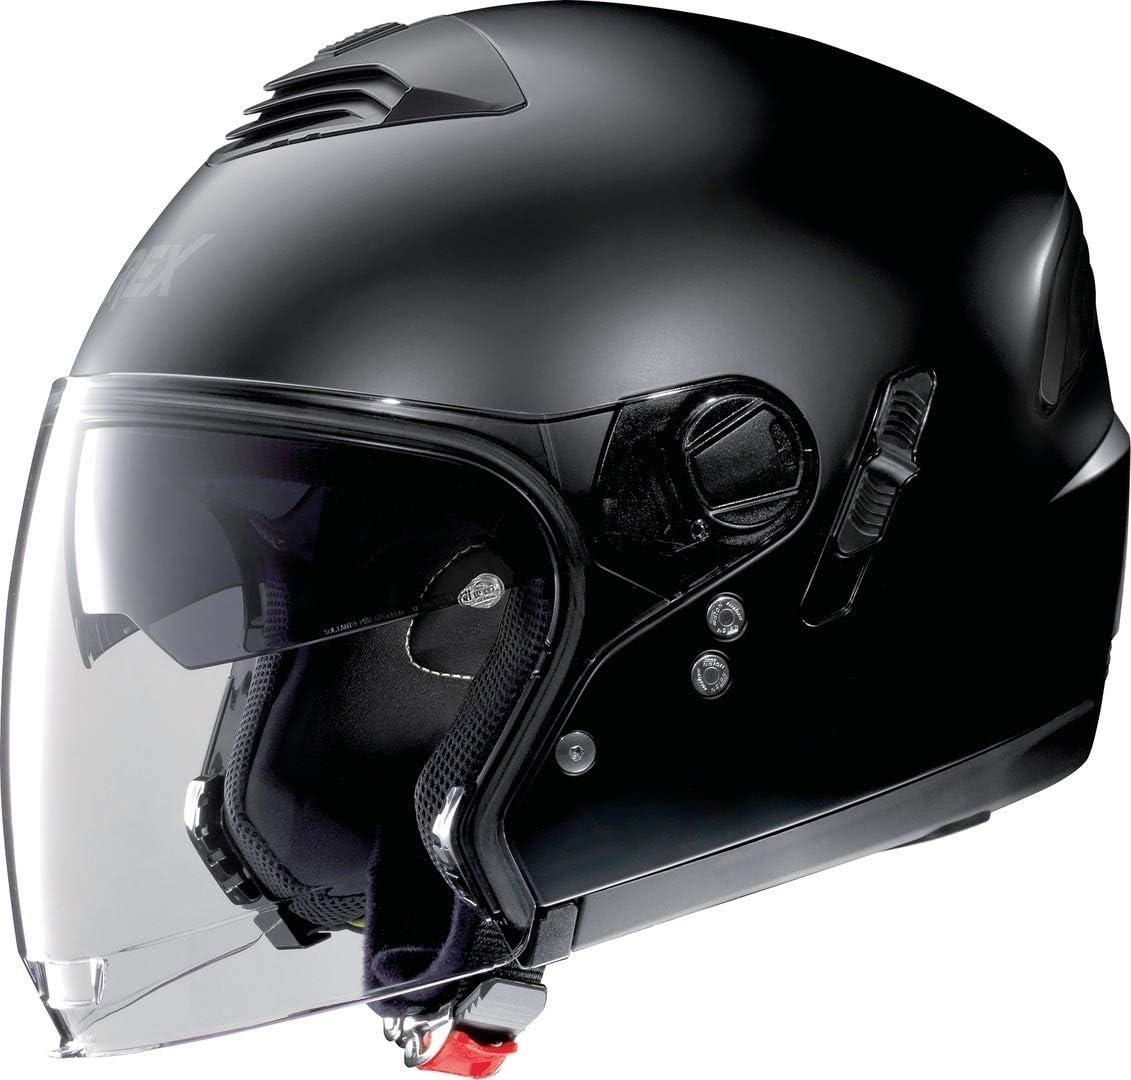 GREX G4.1 E KINETIC FLAT BLACK XL